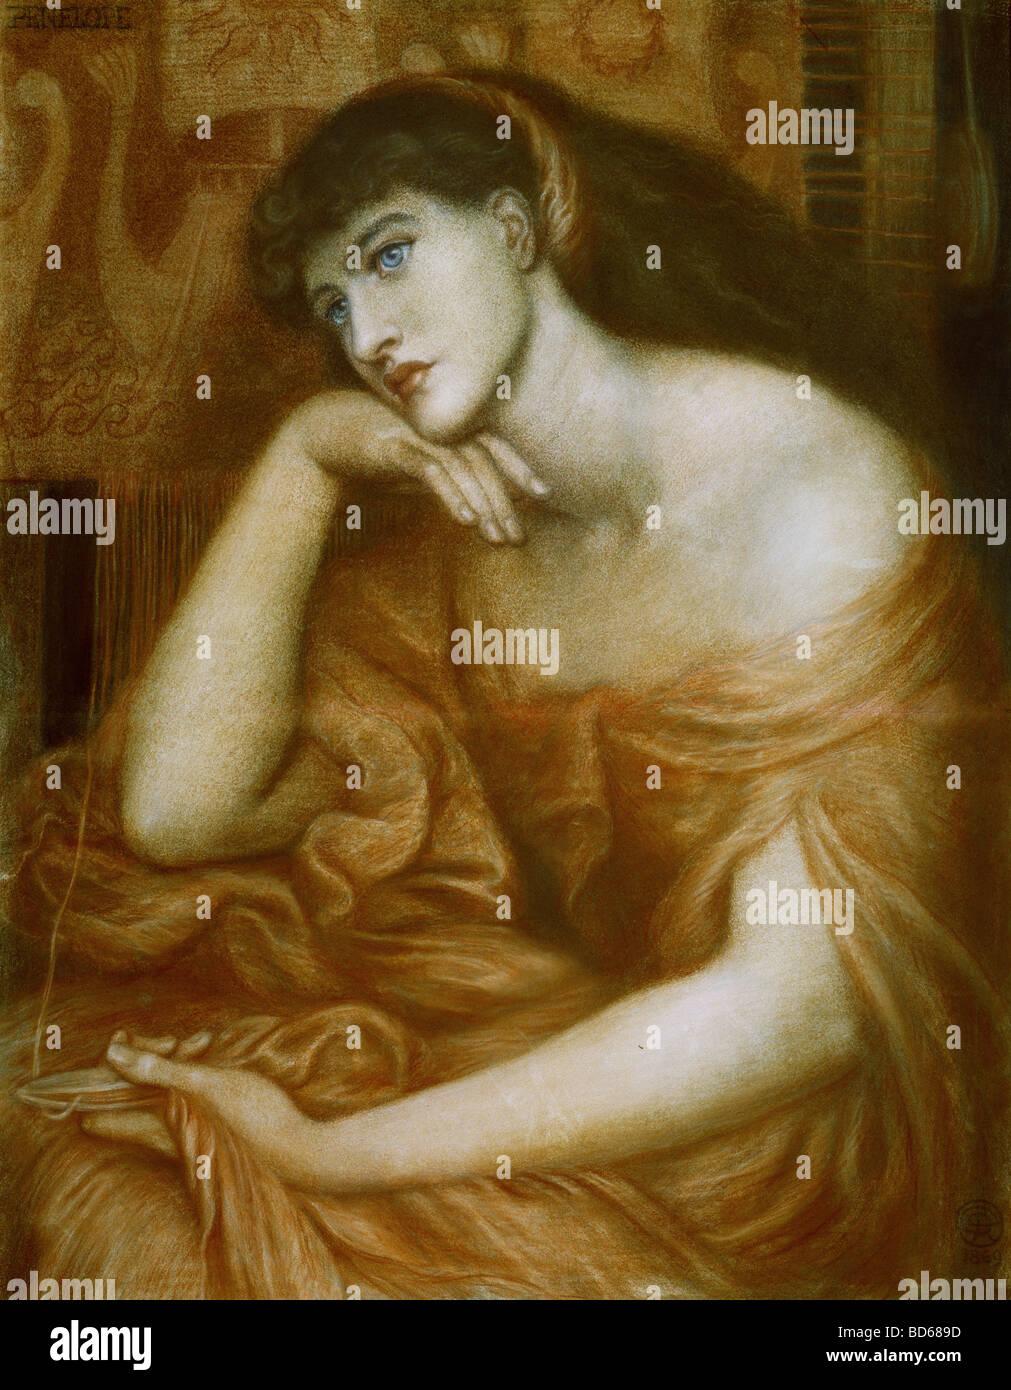 """Beaux-arts, Dante Gabriel Rossetti, (1828 - 1882), peinture, """"Penelope"""", huile sur toile, 1869, symbolisme, preraffaelites, Banque D'Images"""